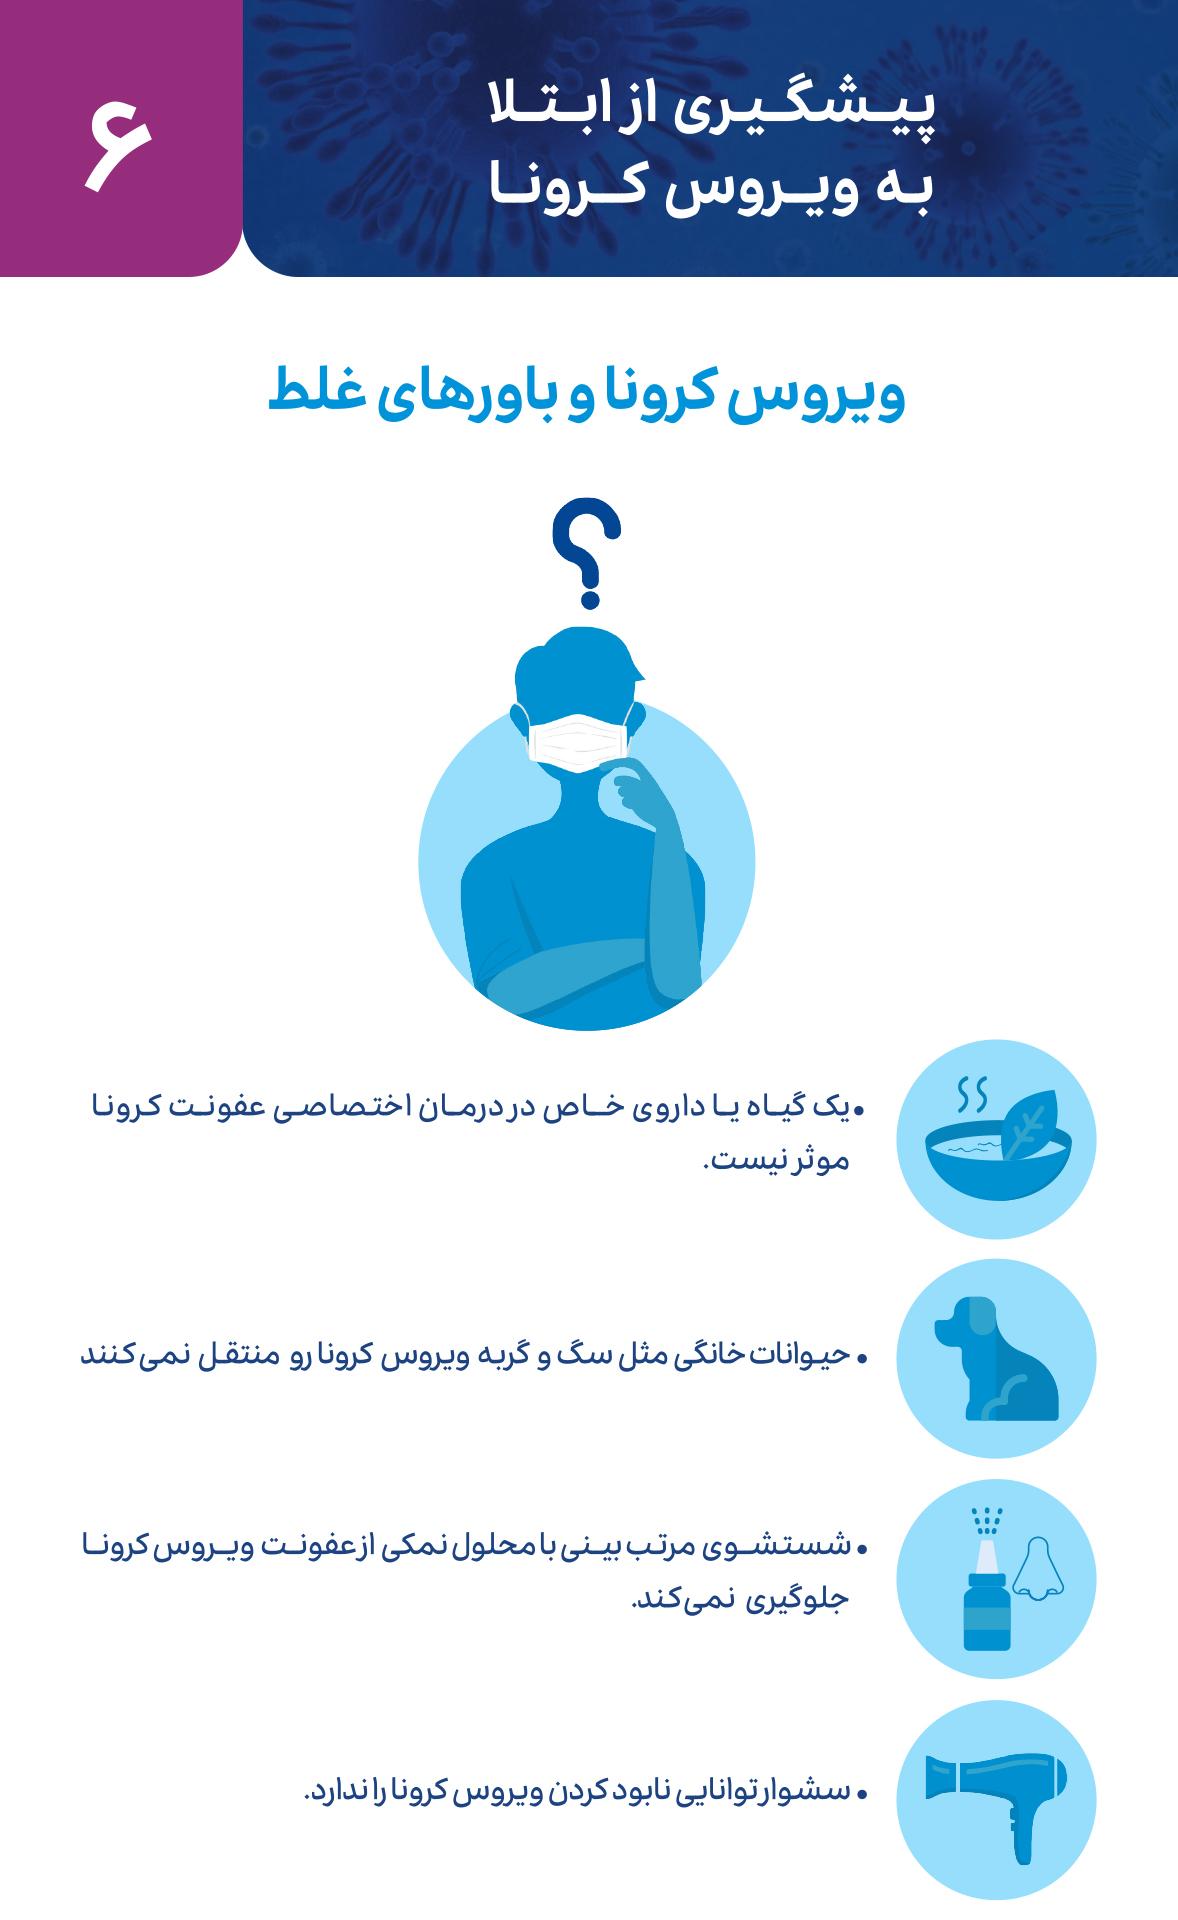 متخصص زنان اصفهان ویروس کرونا و باور های غلط